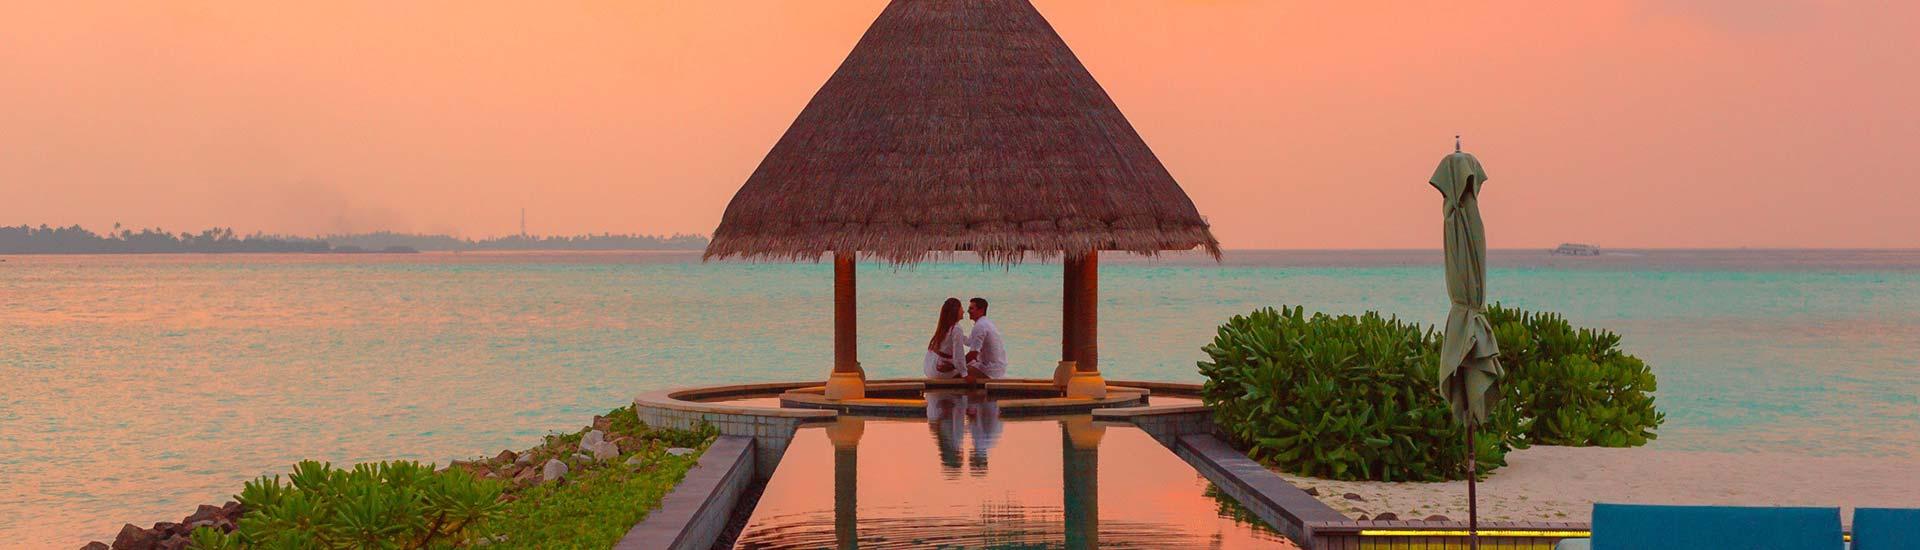 شهر عسل فى ماليزيا 11 يوم 10 ليالي اجازه الصيف كود العرض ( المسافر ماليزيا 500 )